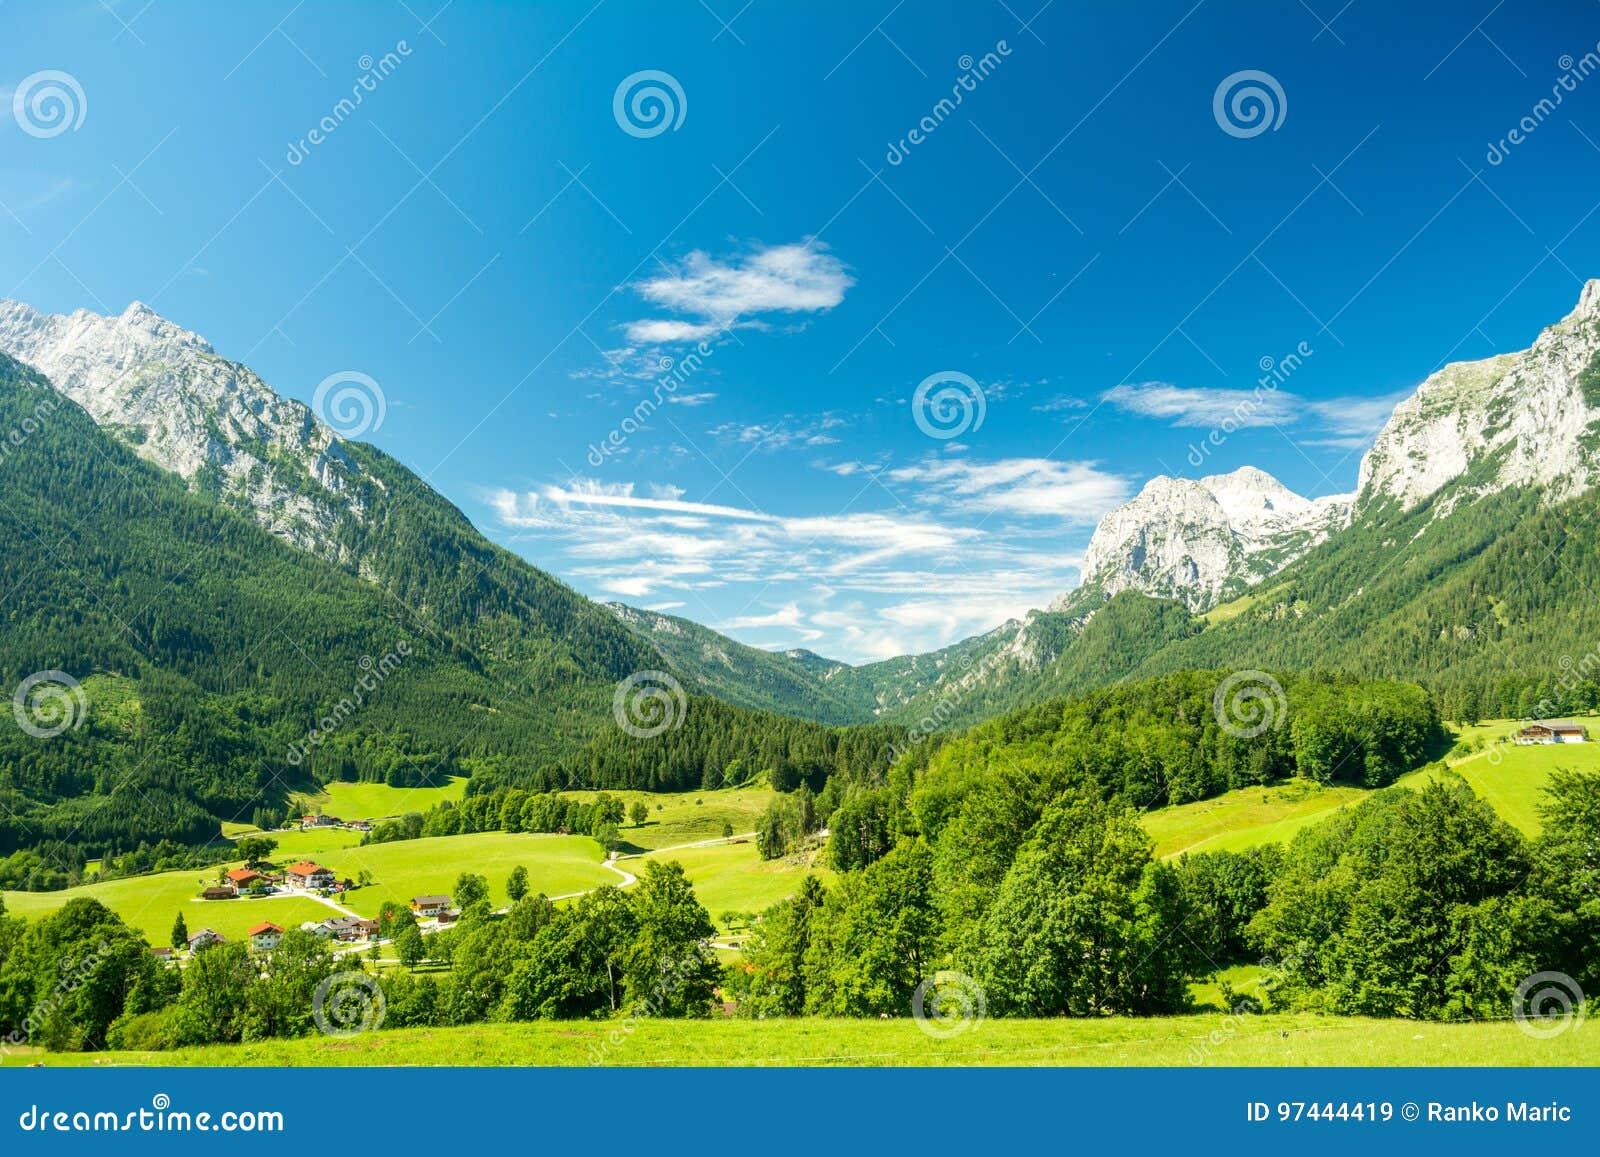 Belle vue de nature et de montagnes près de lac Konigssee, Bavière, Allemagne